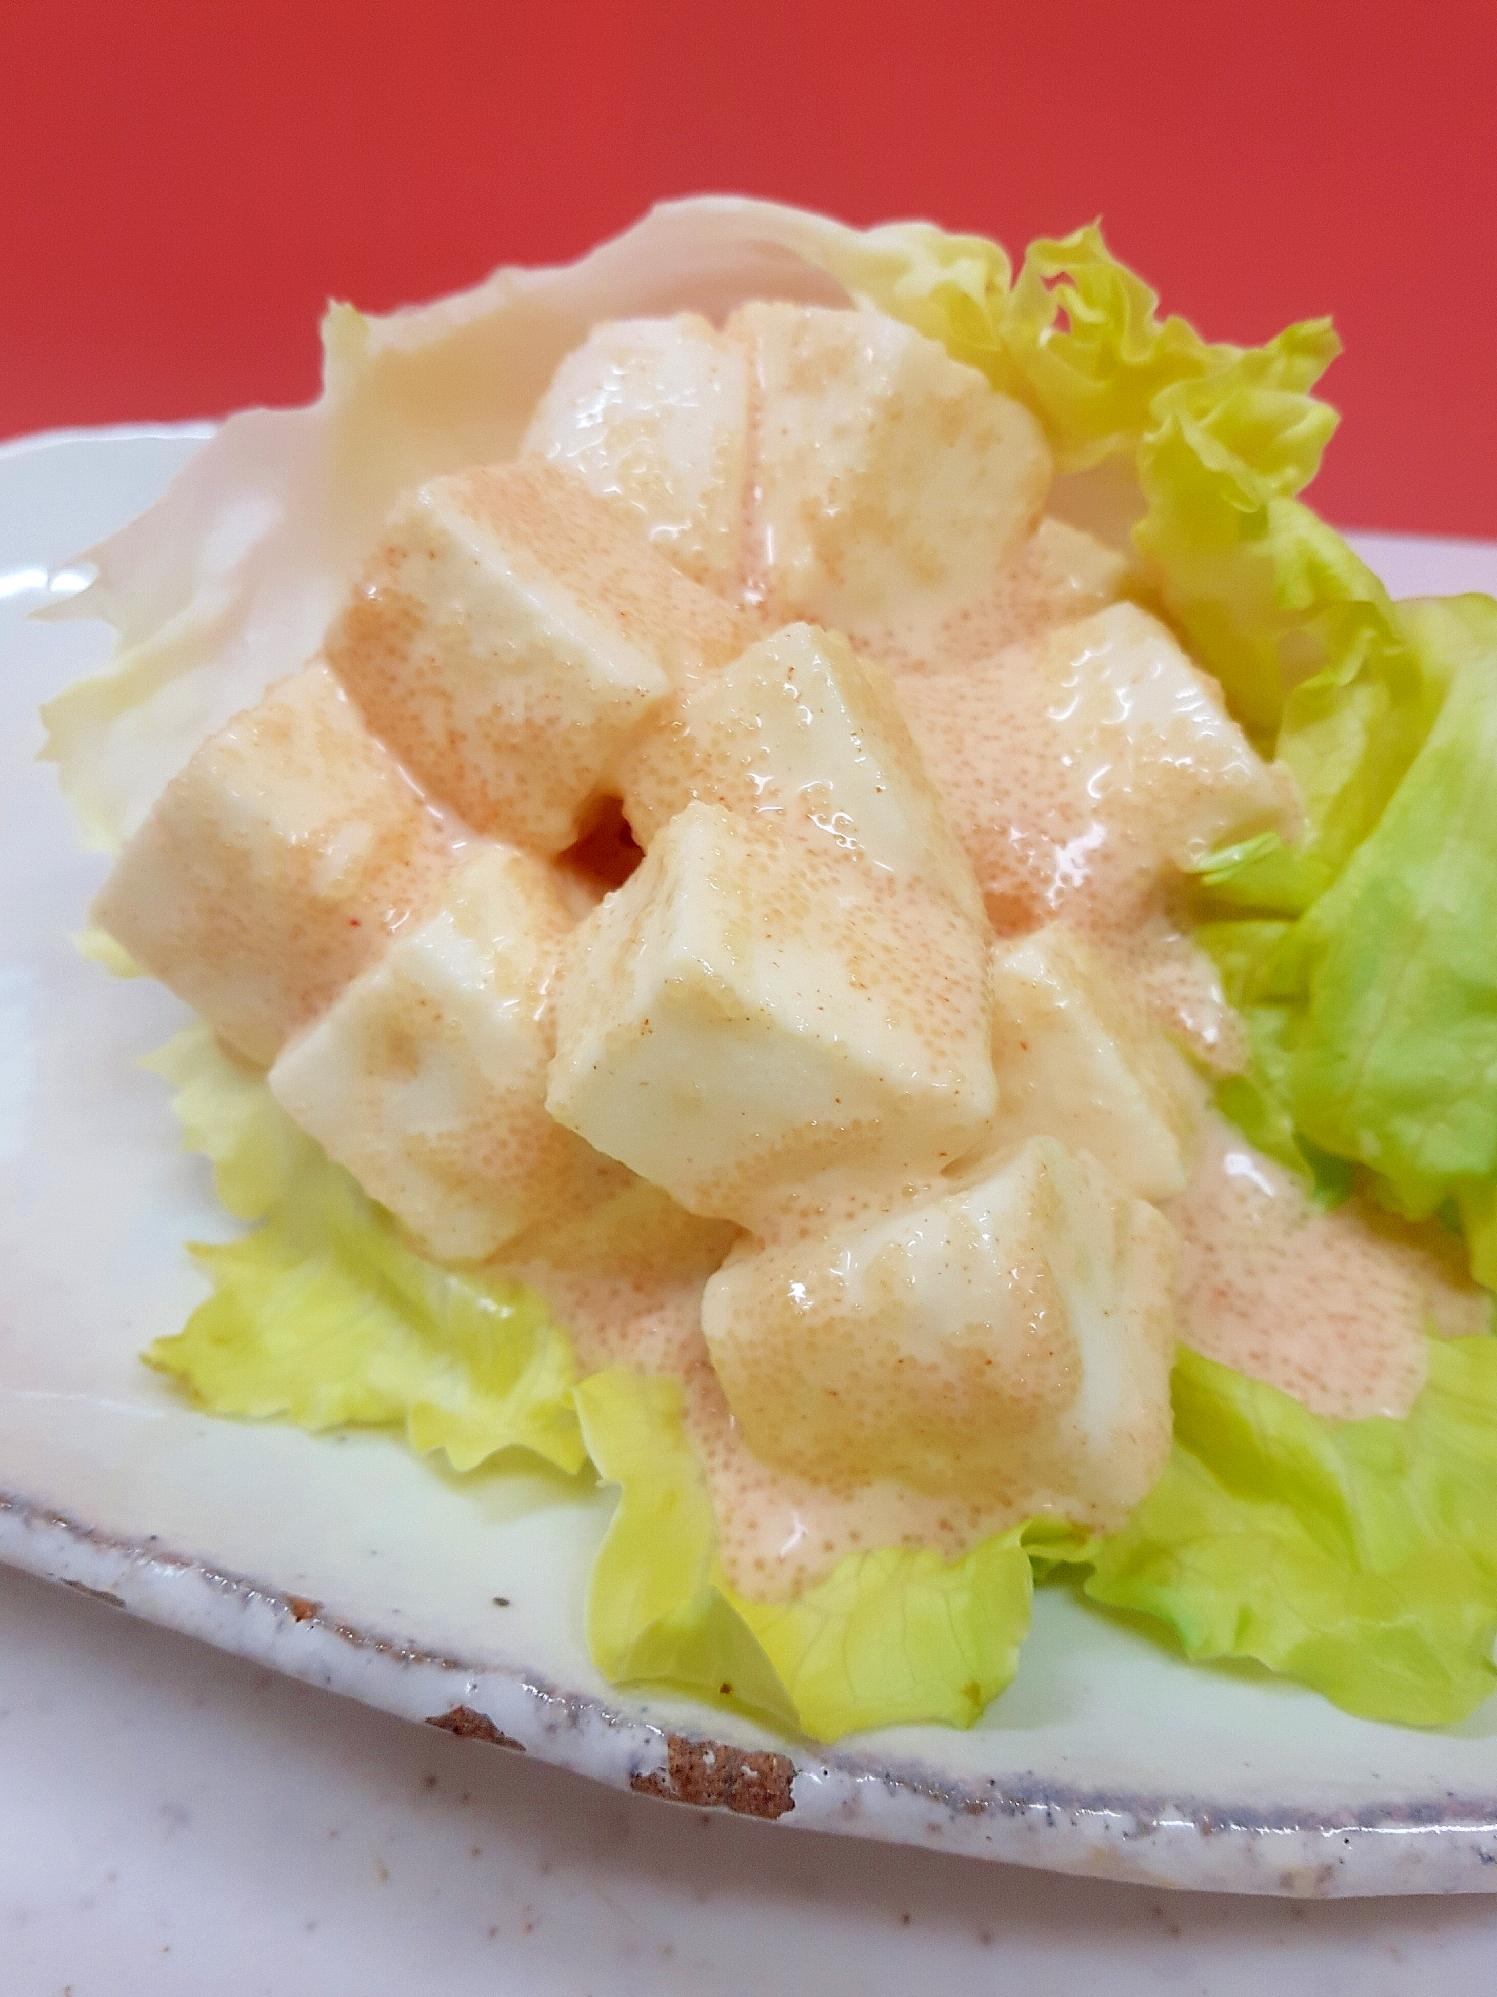 白っぽい焼き物皿に盛られた、はんぺんの辛子マヨ和え